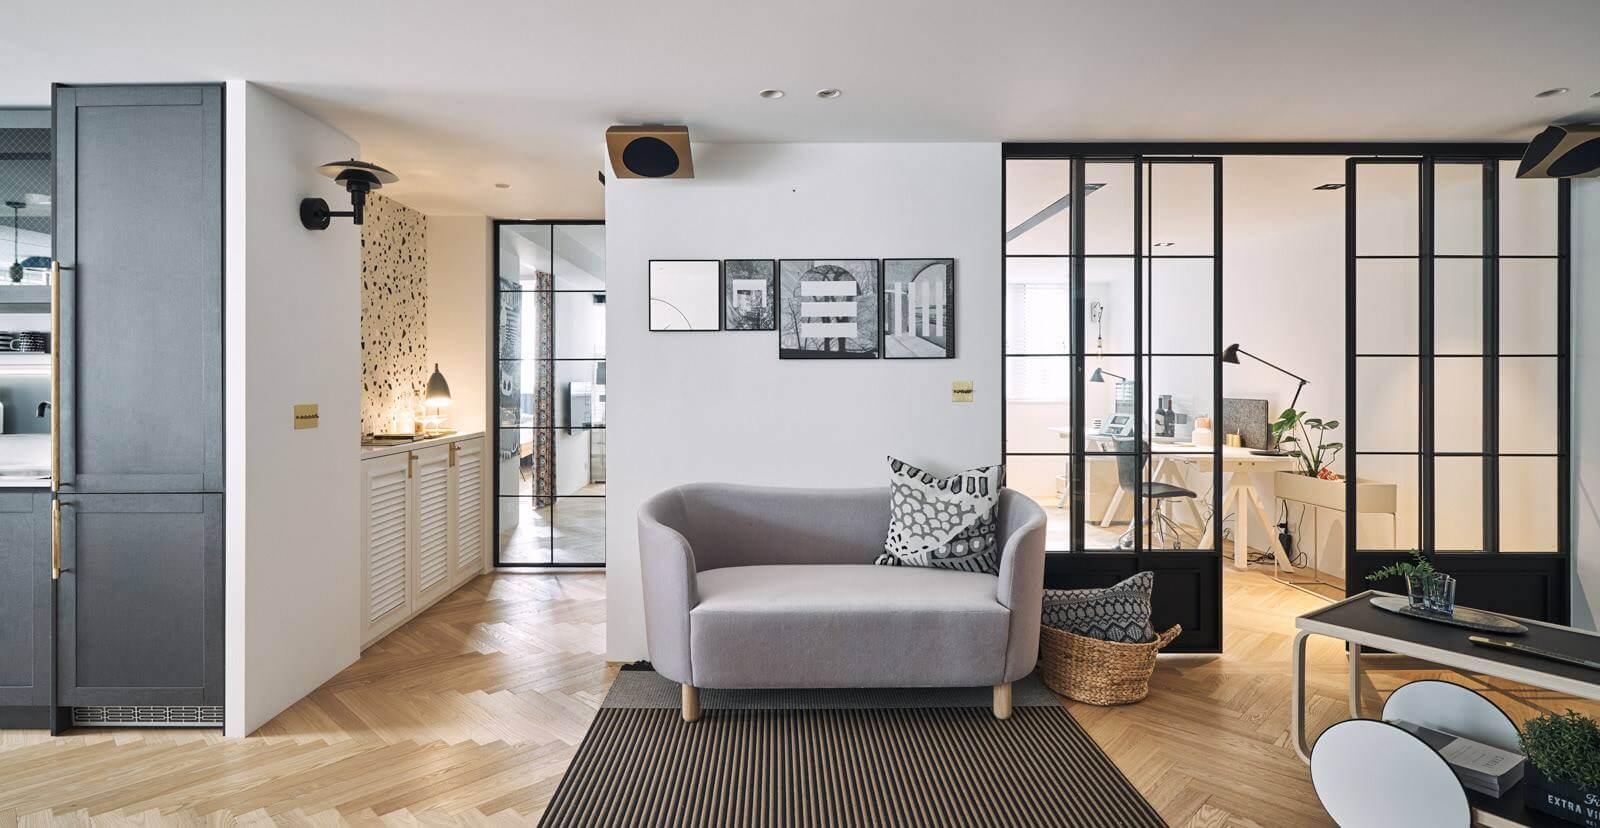 Кабинет отделен от гостиной с помощью раздвижной стеклянной системы, которая выполняет не только свою прямую функцию, но и является декоративным украшением помещения